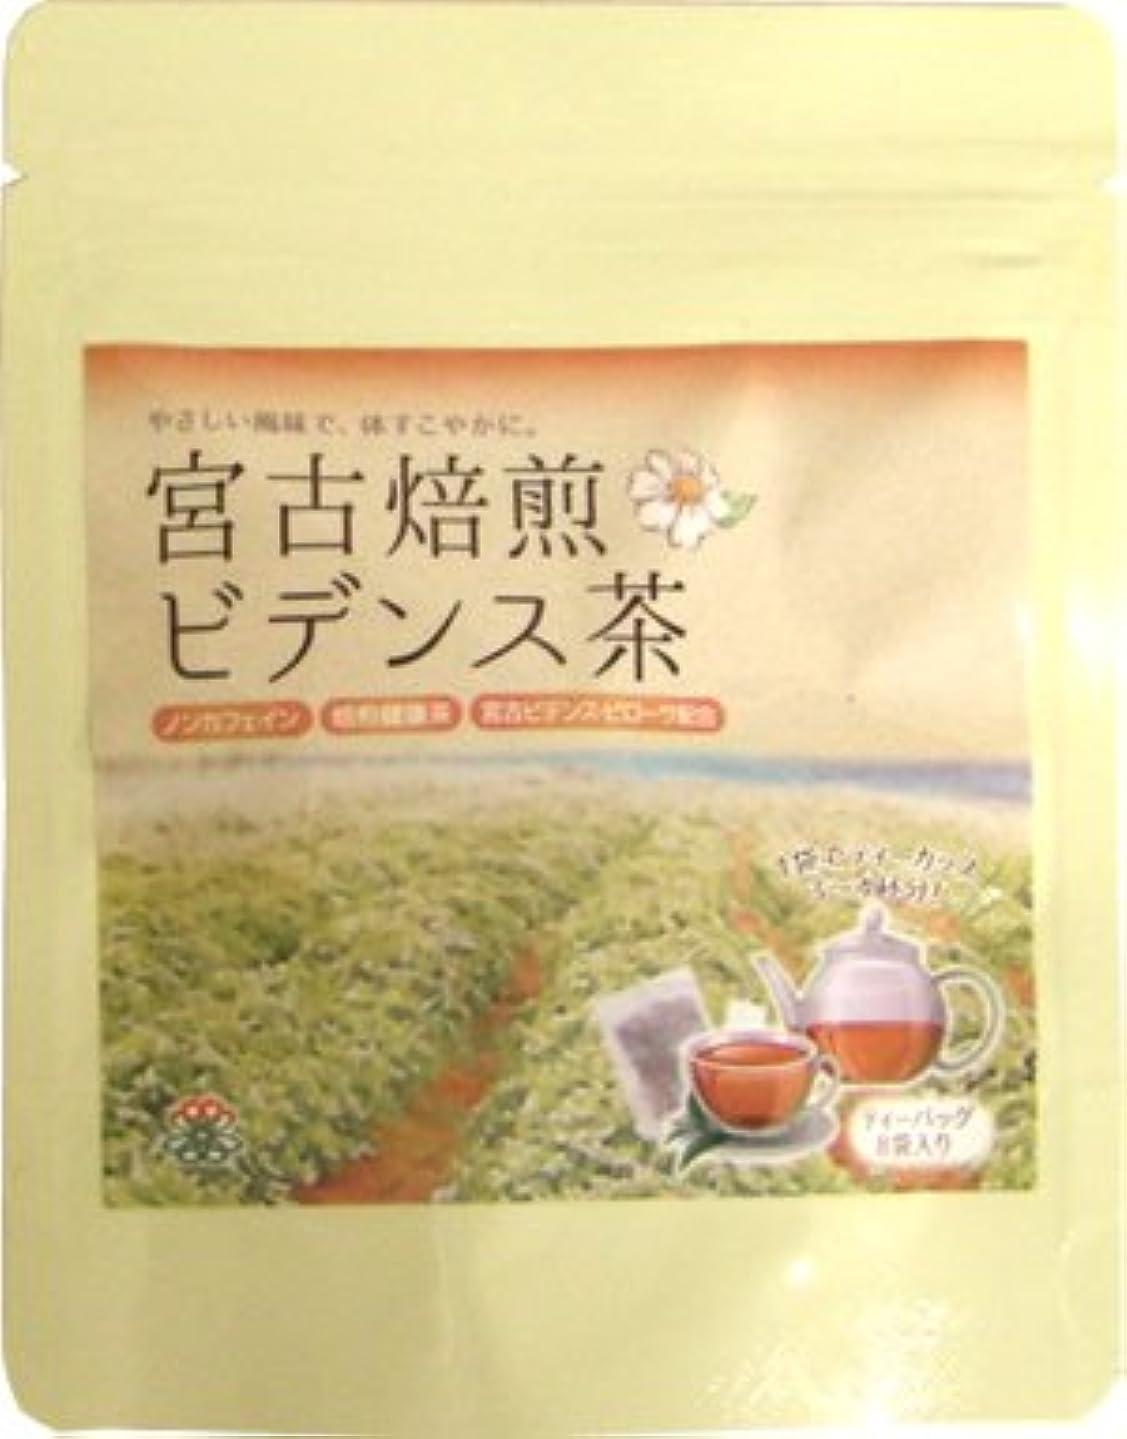 国歌軌道着替える宮古焙煎ビデンス茶 2g×8袋入り